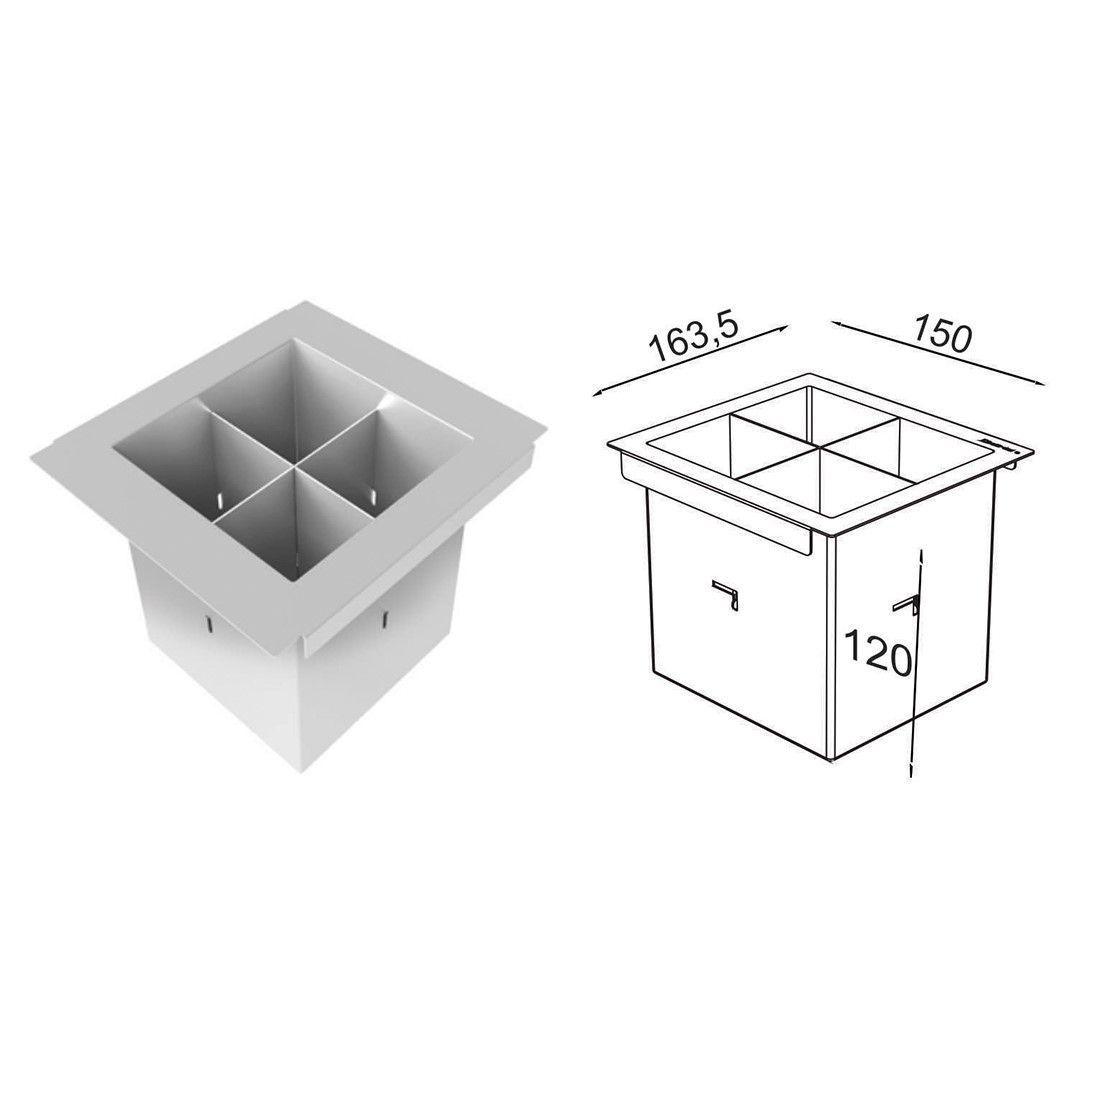 Porta Talheres Inox 15cm Debacco  - Sua Casa Gourmet e Cia